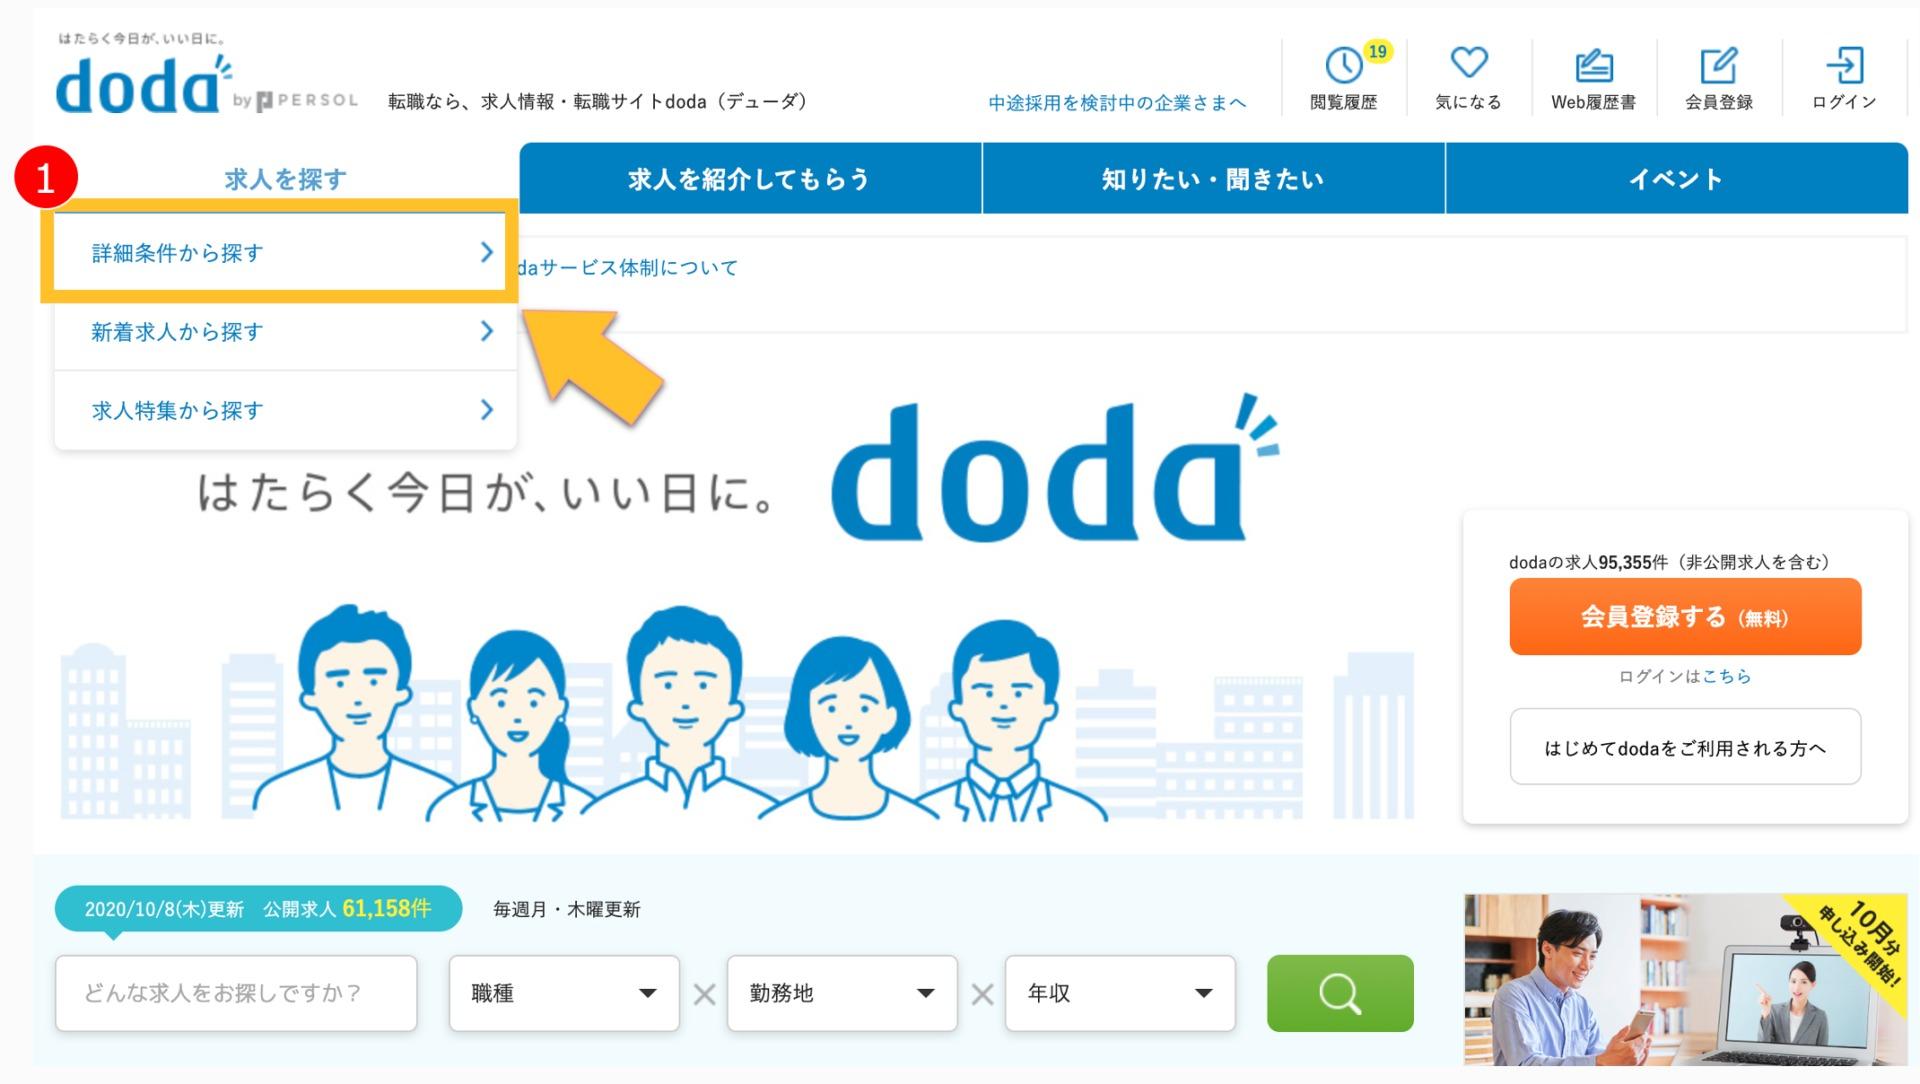 doda検索画面3